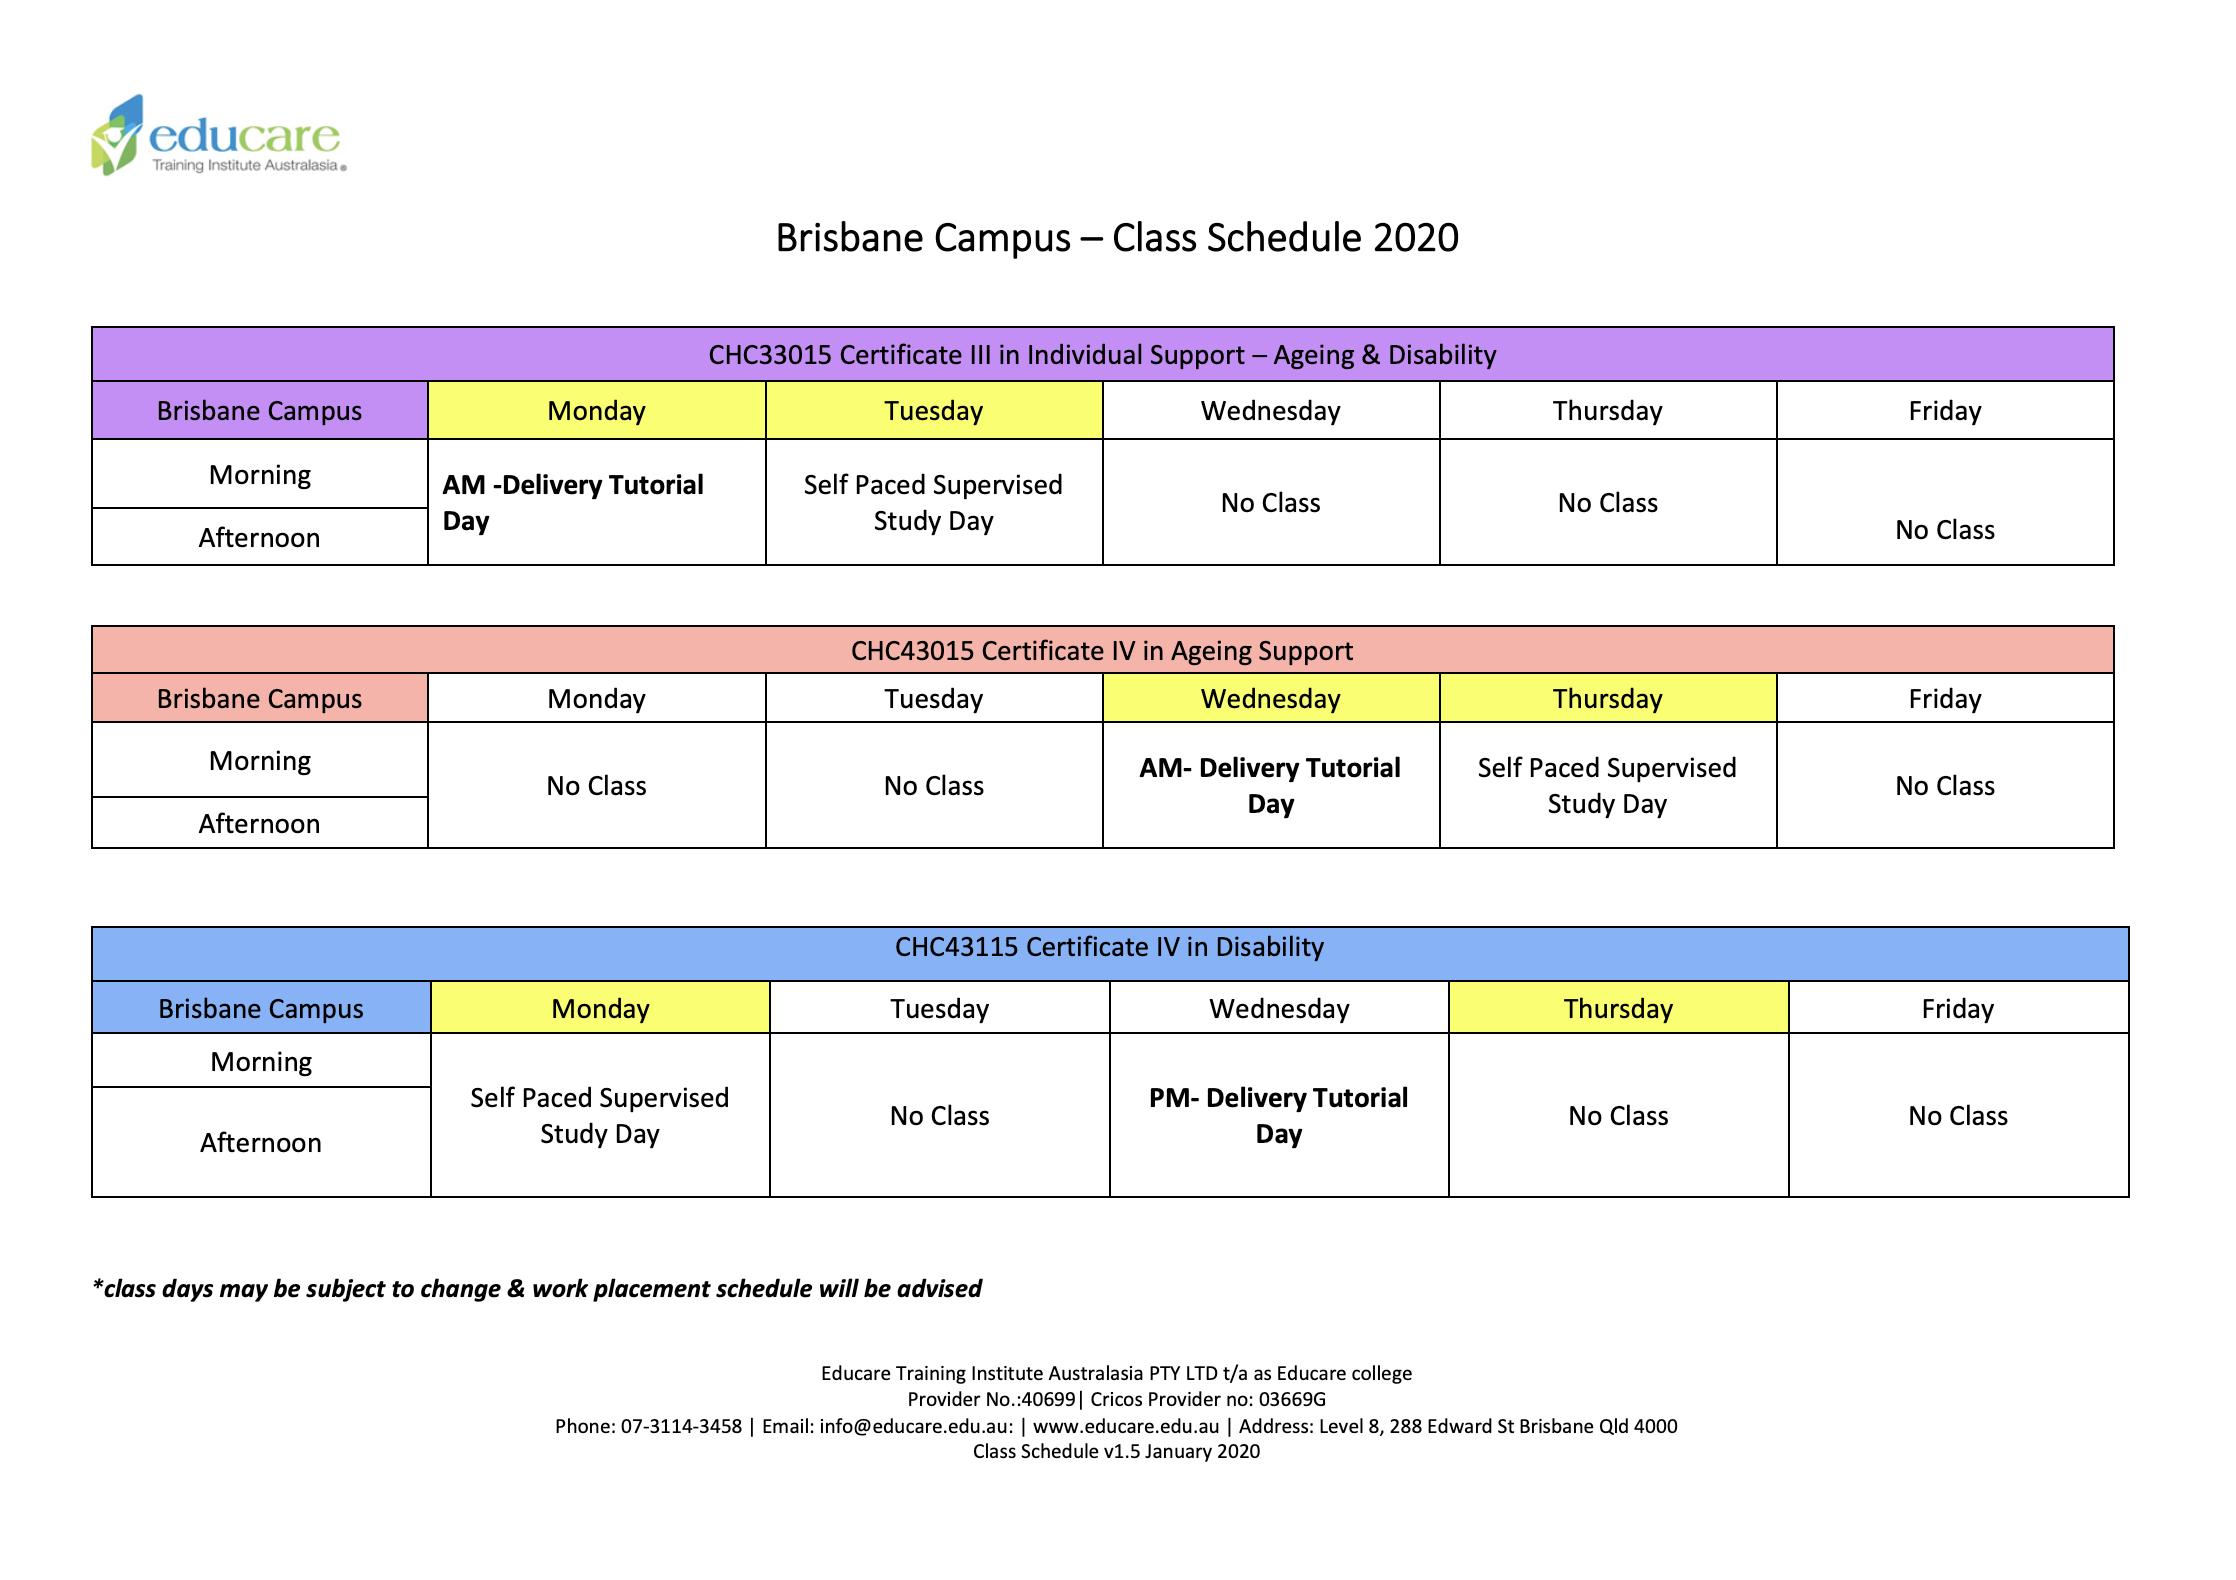 Brisbane-Class-Schedule